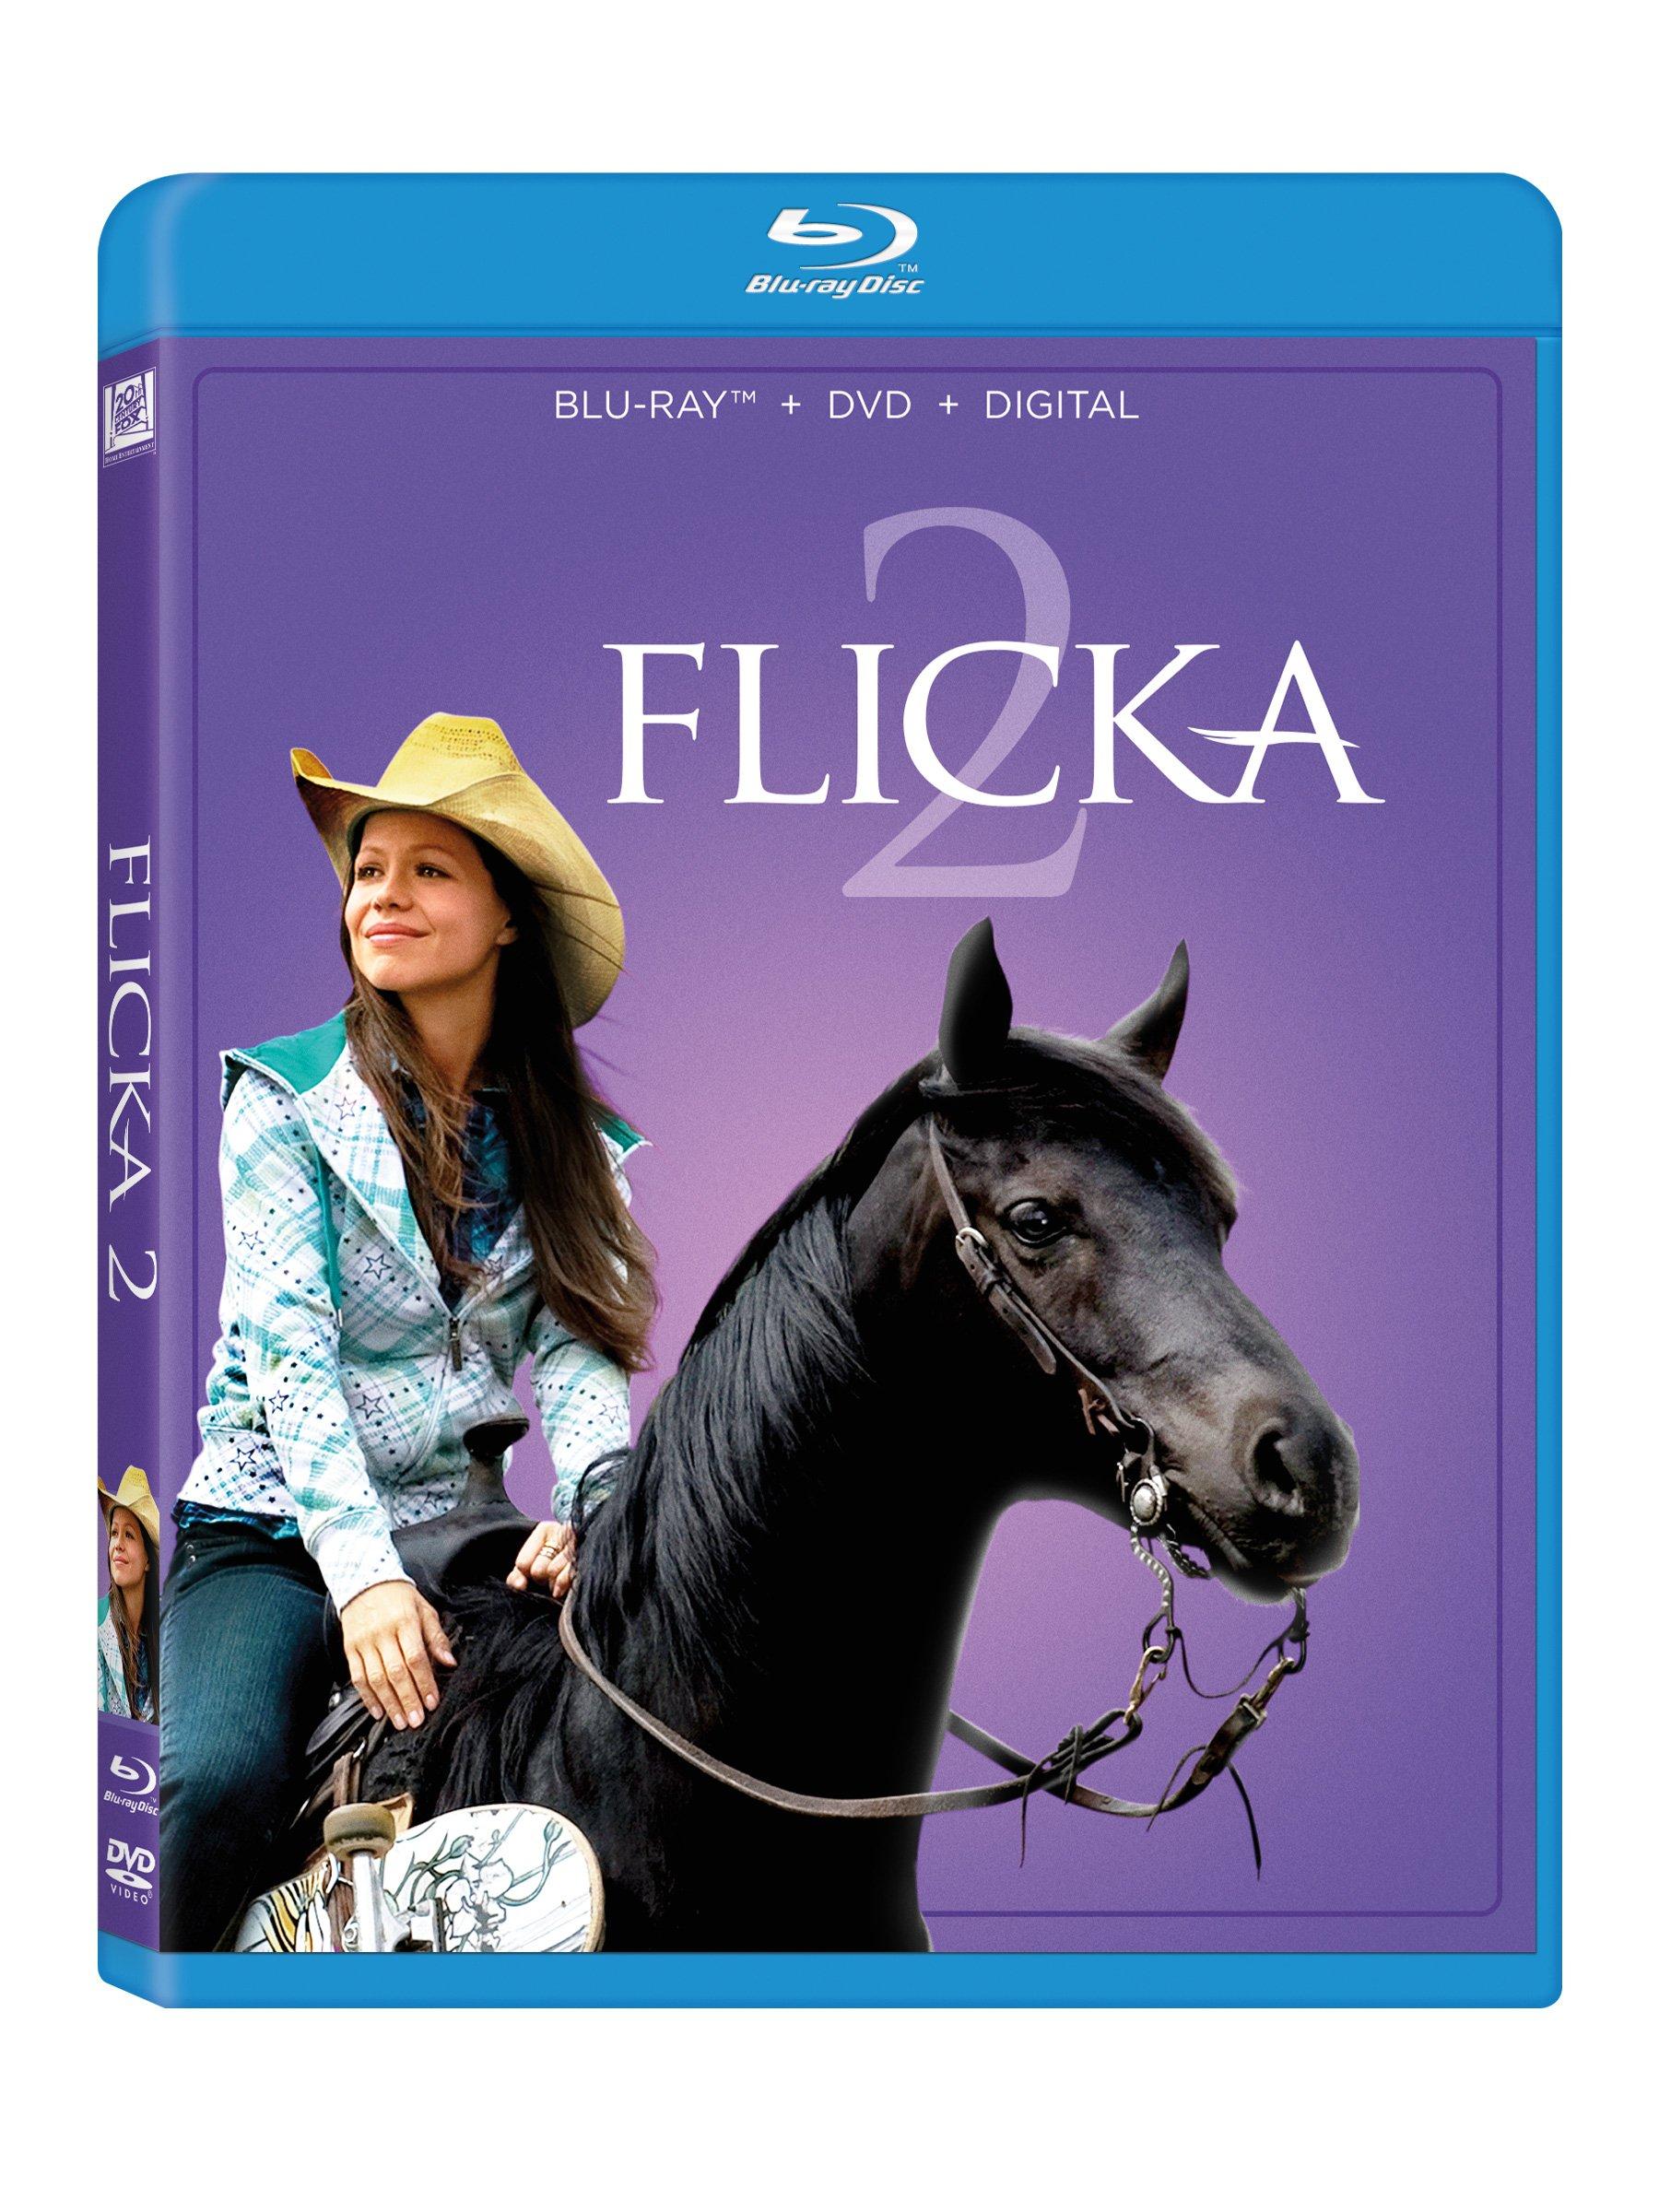 Blu-ray : Flicka 2 (Pan & Scan)